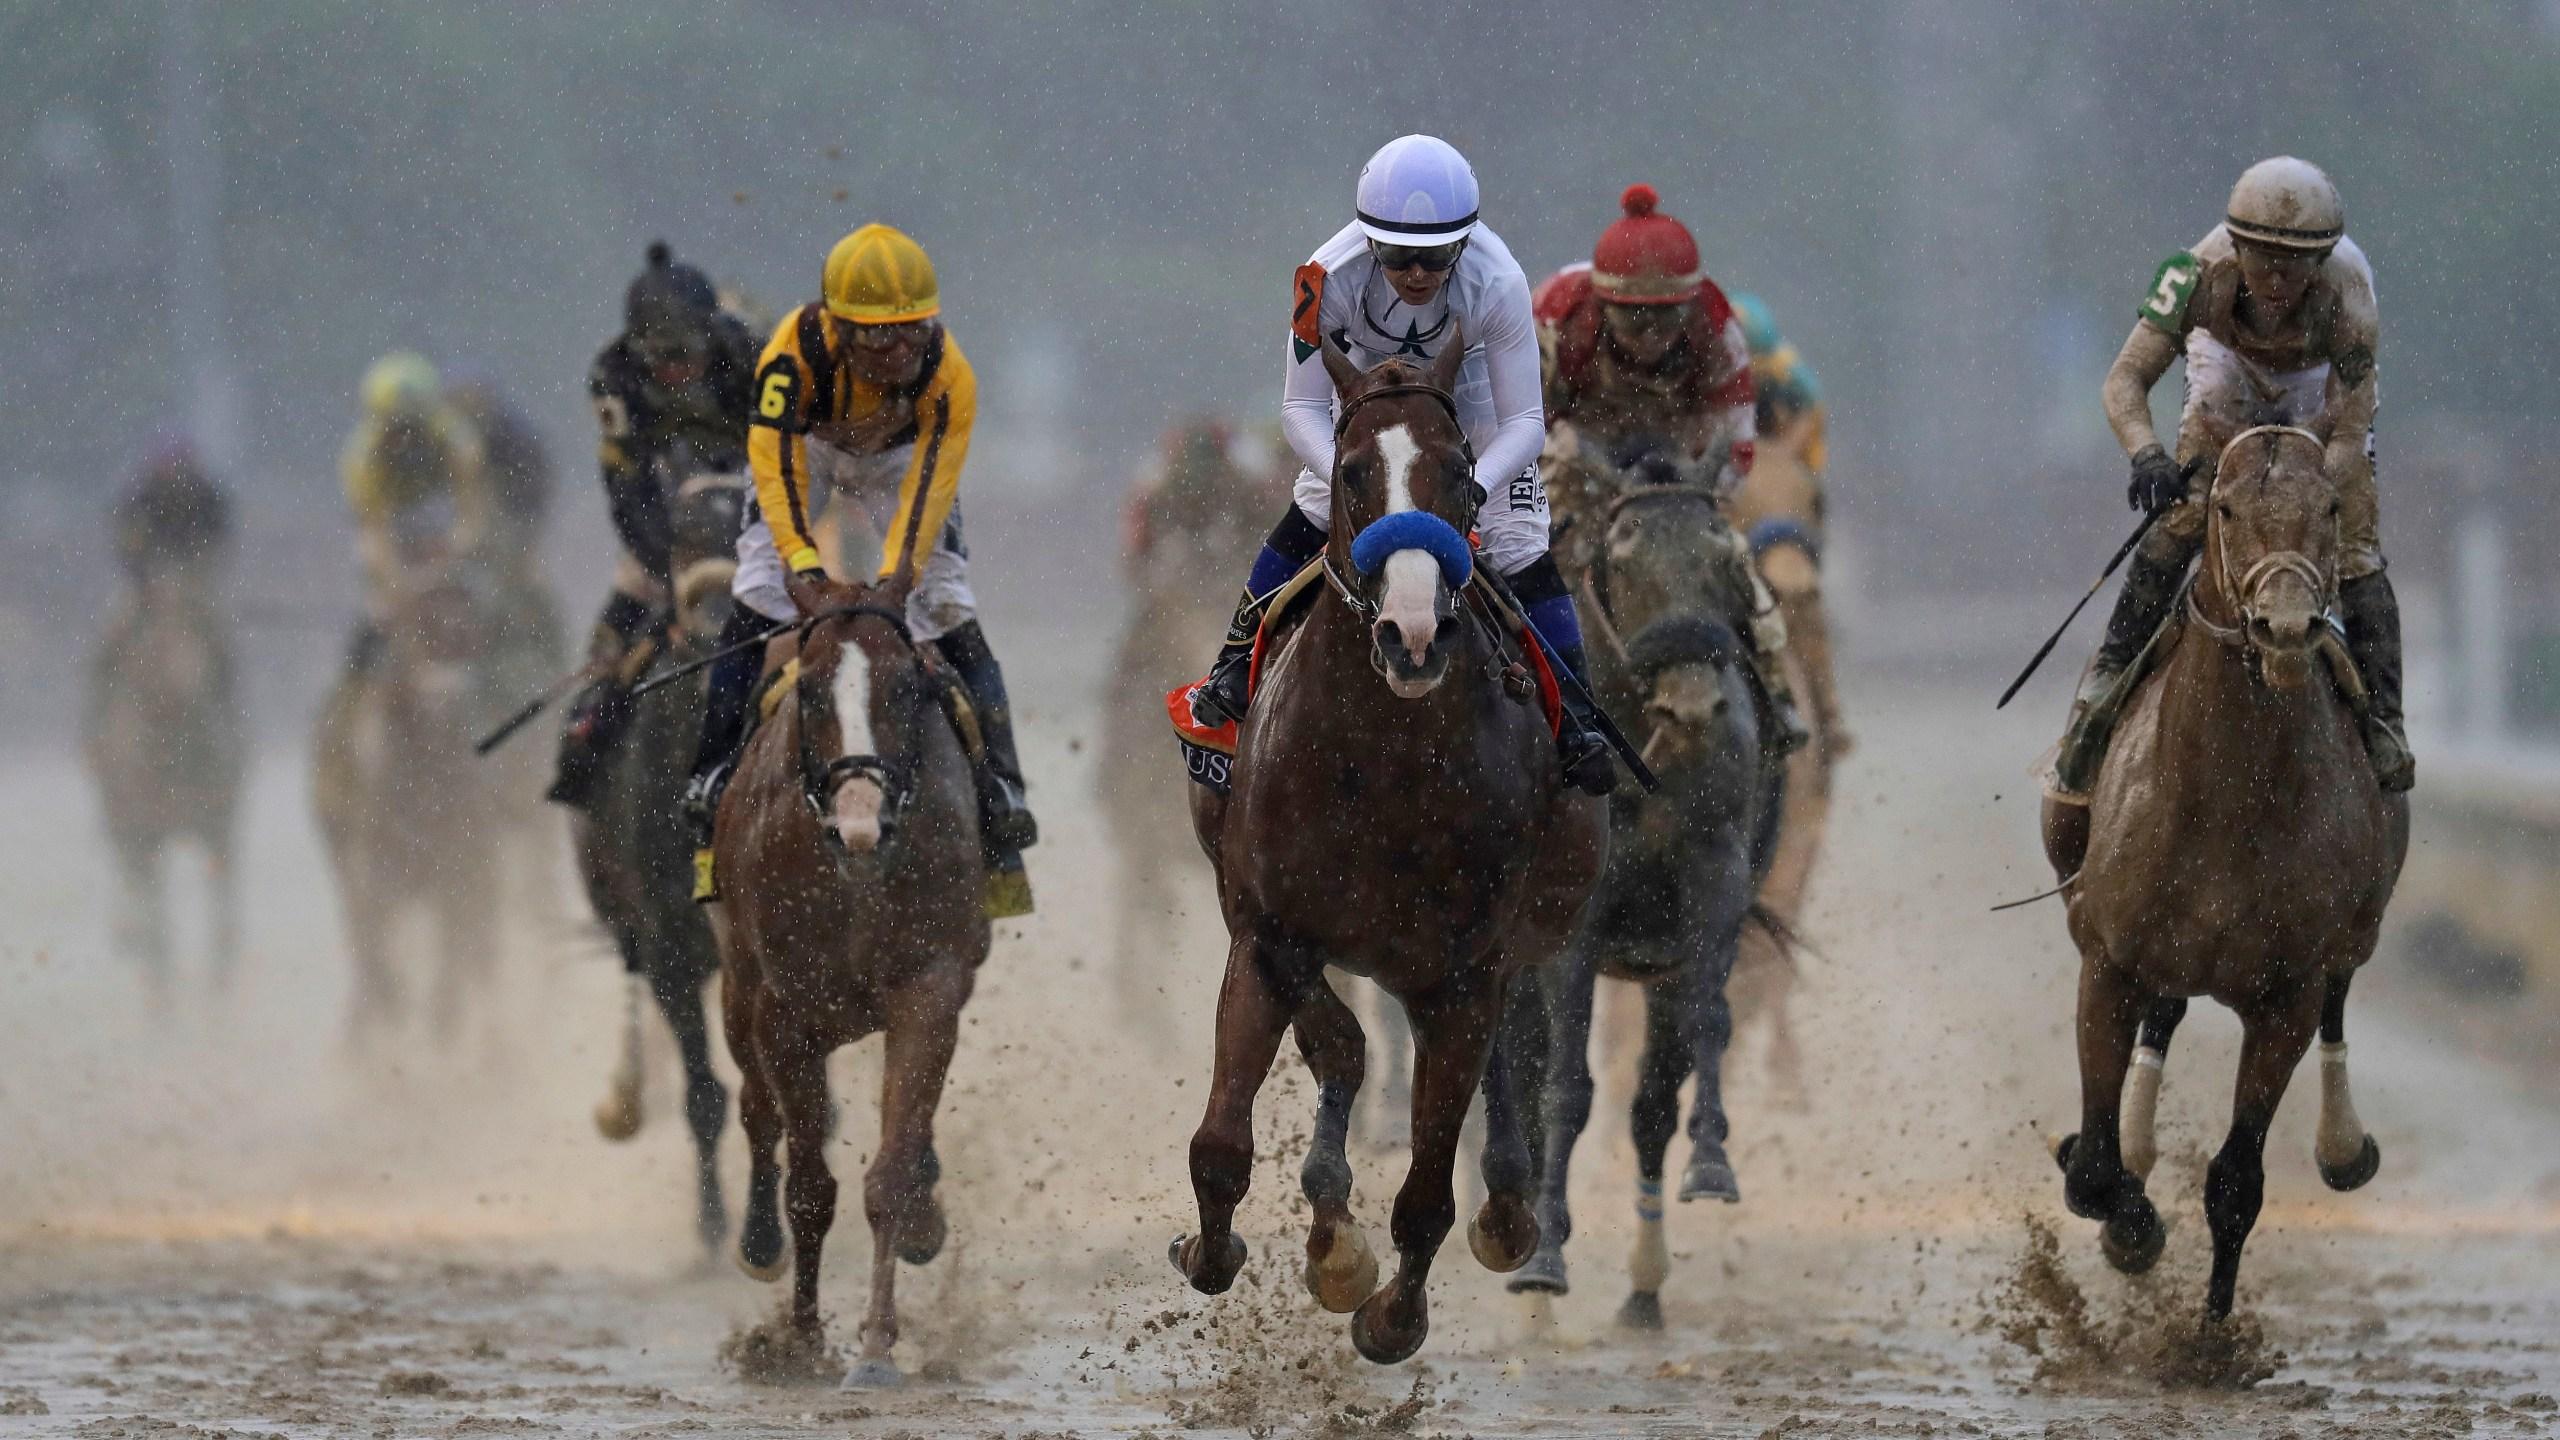 APTOPIX_Kentucky_Derby_Horse_Racing_19636-159532.jpg24162122